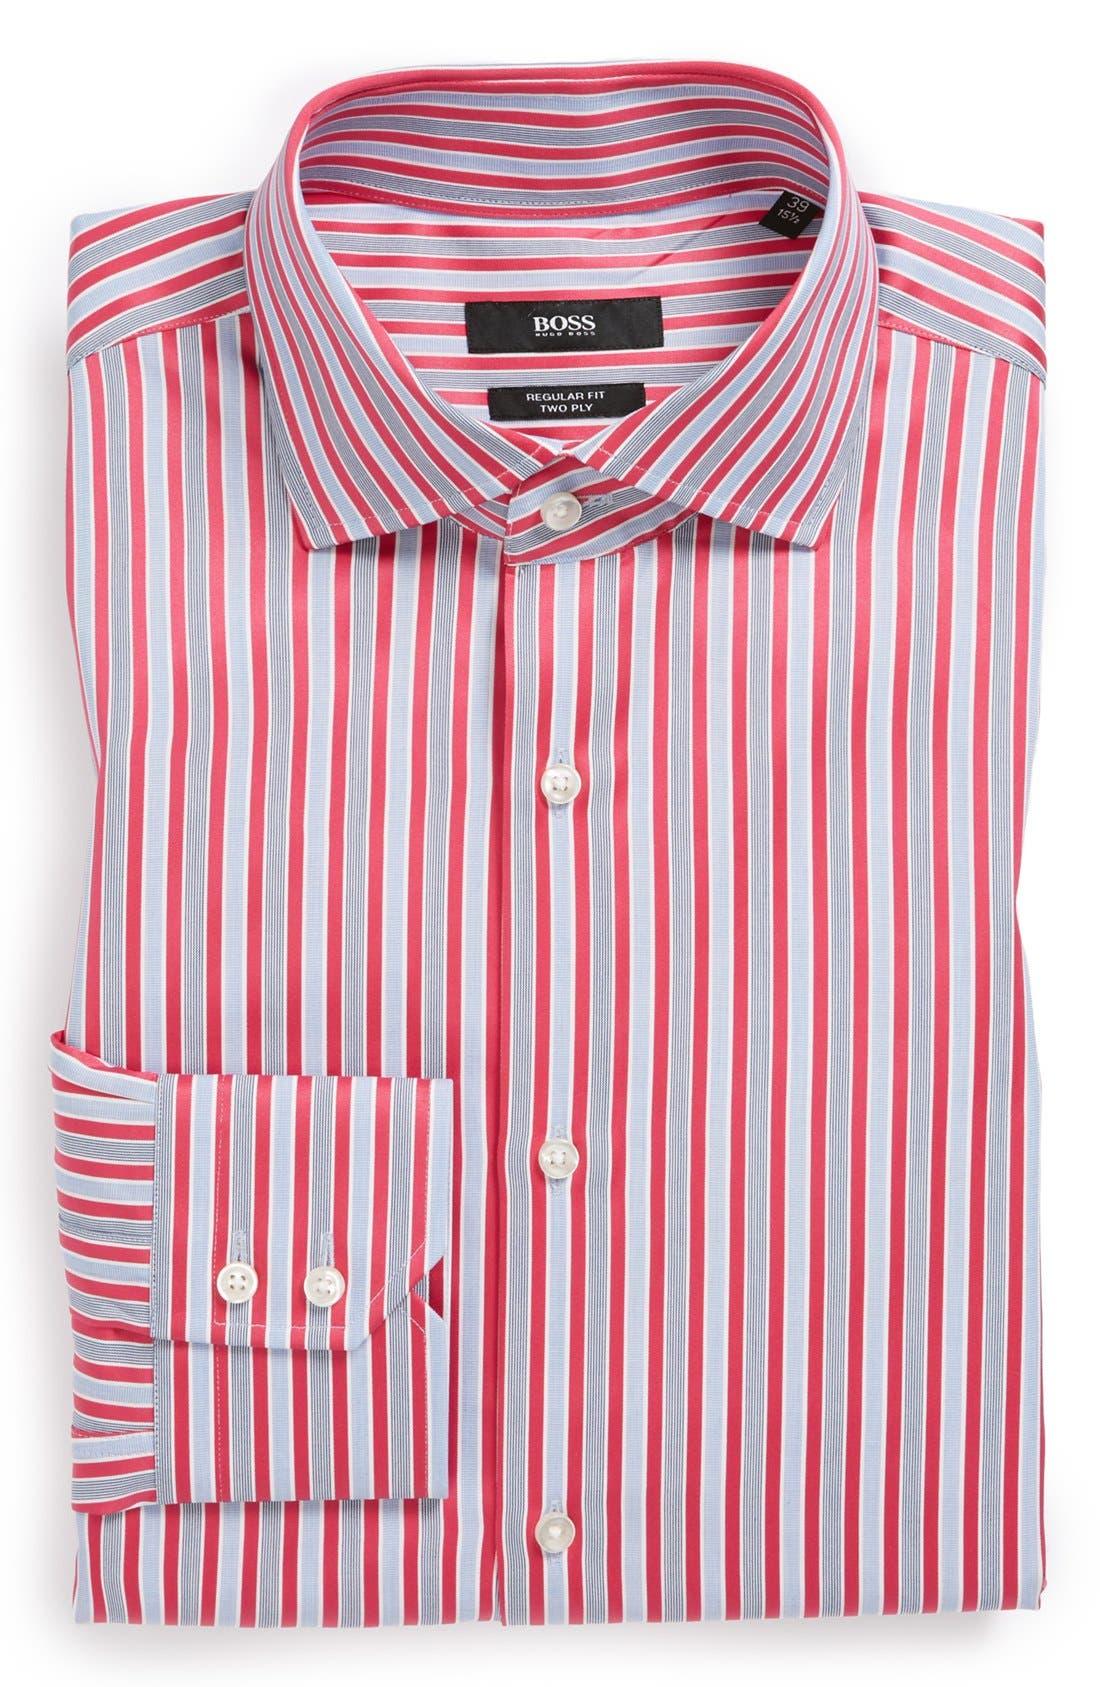 Main Image - BOSS HUGO BOSS 'Gerald' WW Regular Fit Dress Shirt